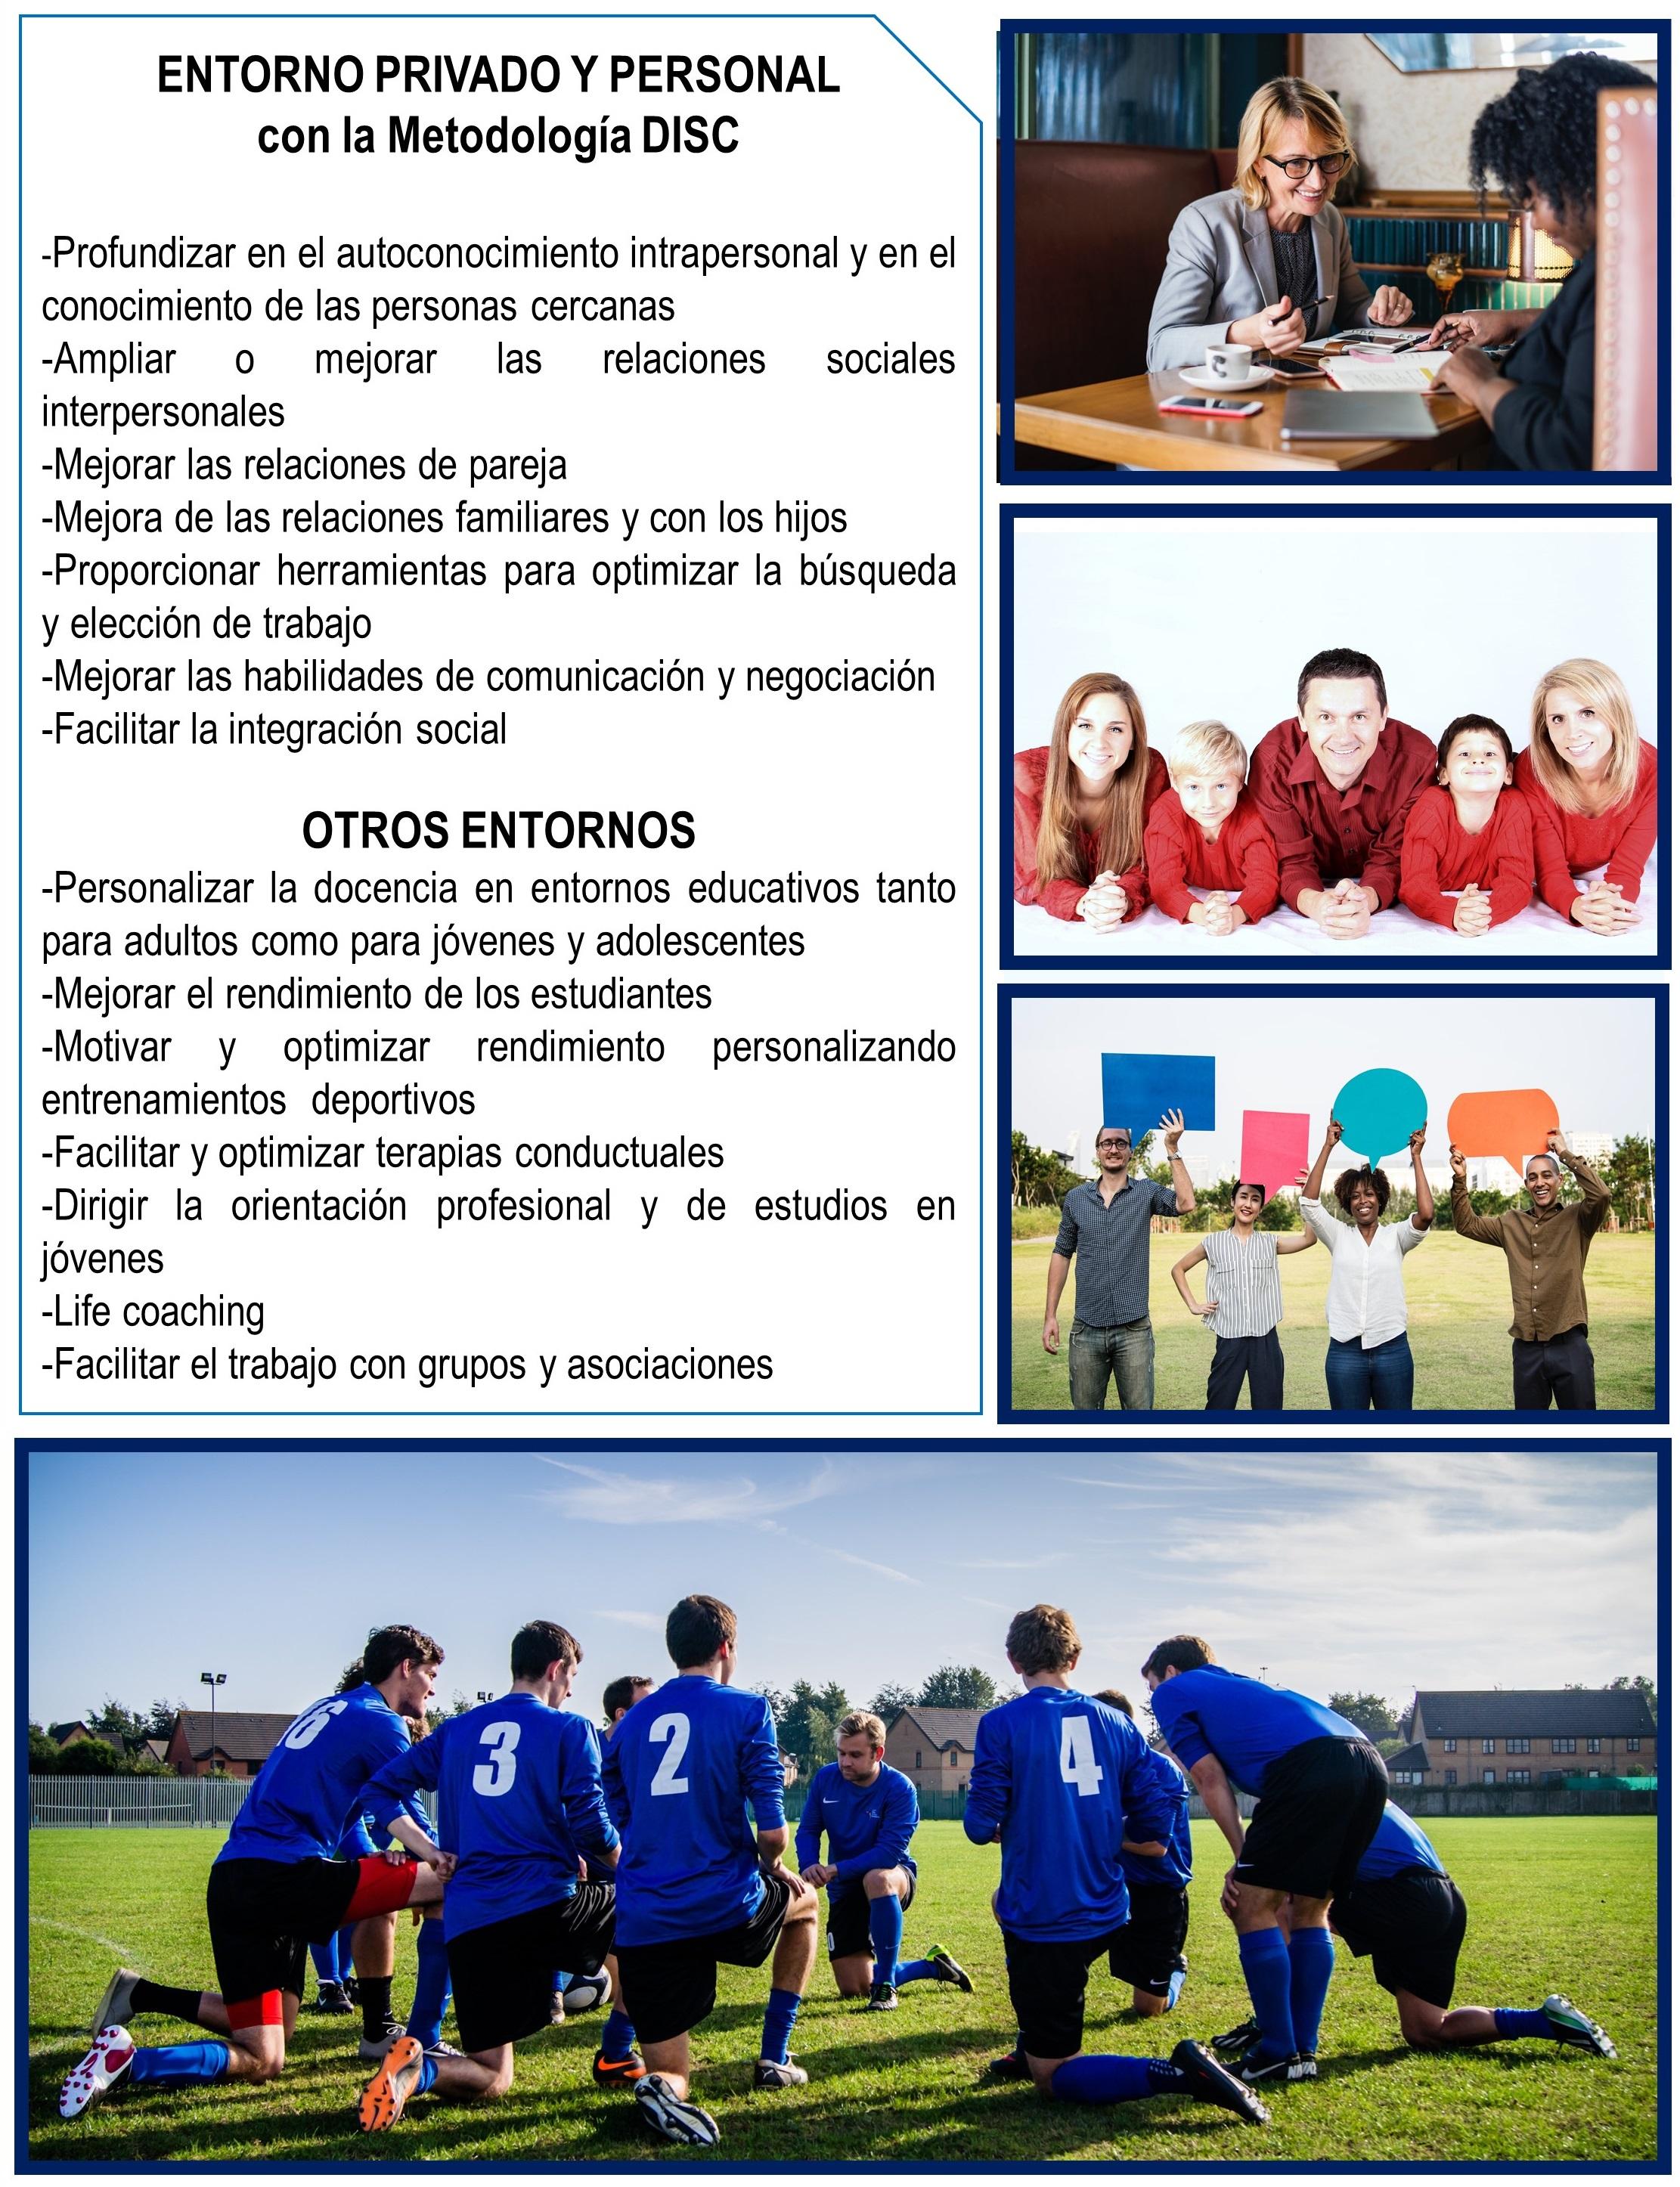 DISC aplicado a las relacciones personales y en entornos deportivos y asociaciones